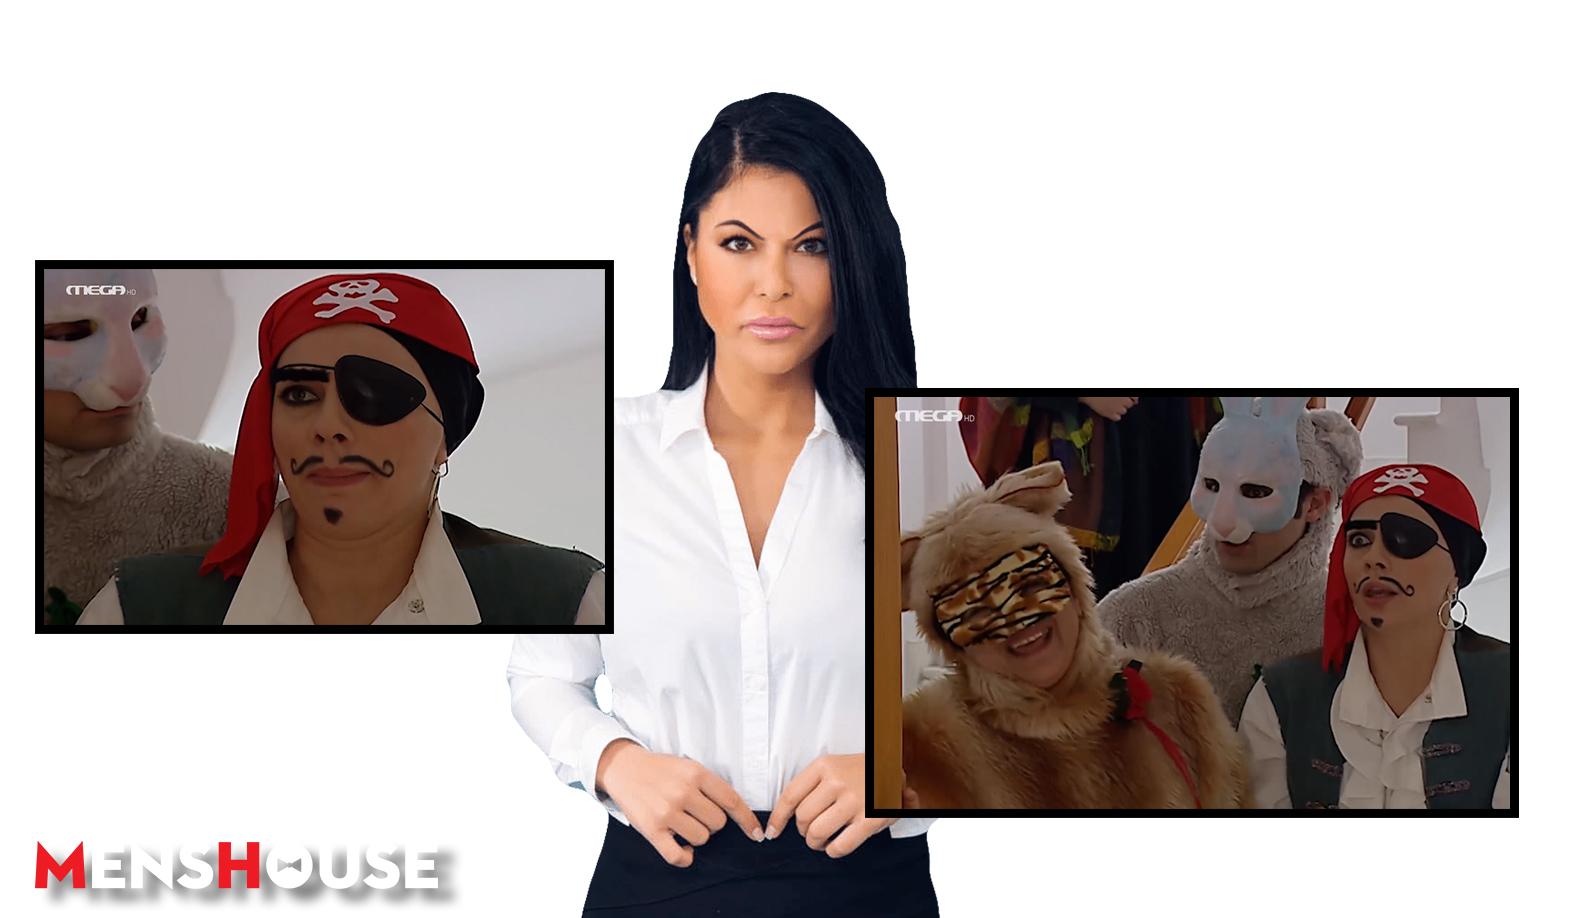 Τις δημοσίευεσε: Αυτές είναι οι 7 τριχωτές γυναίκες που δεν μπορεί να βλέπει η Λατινοπούλου